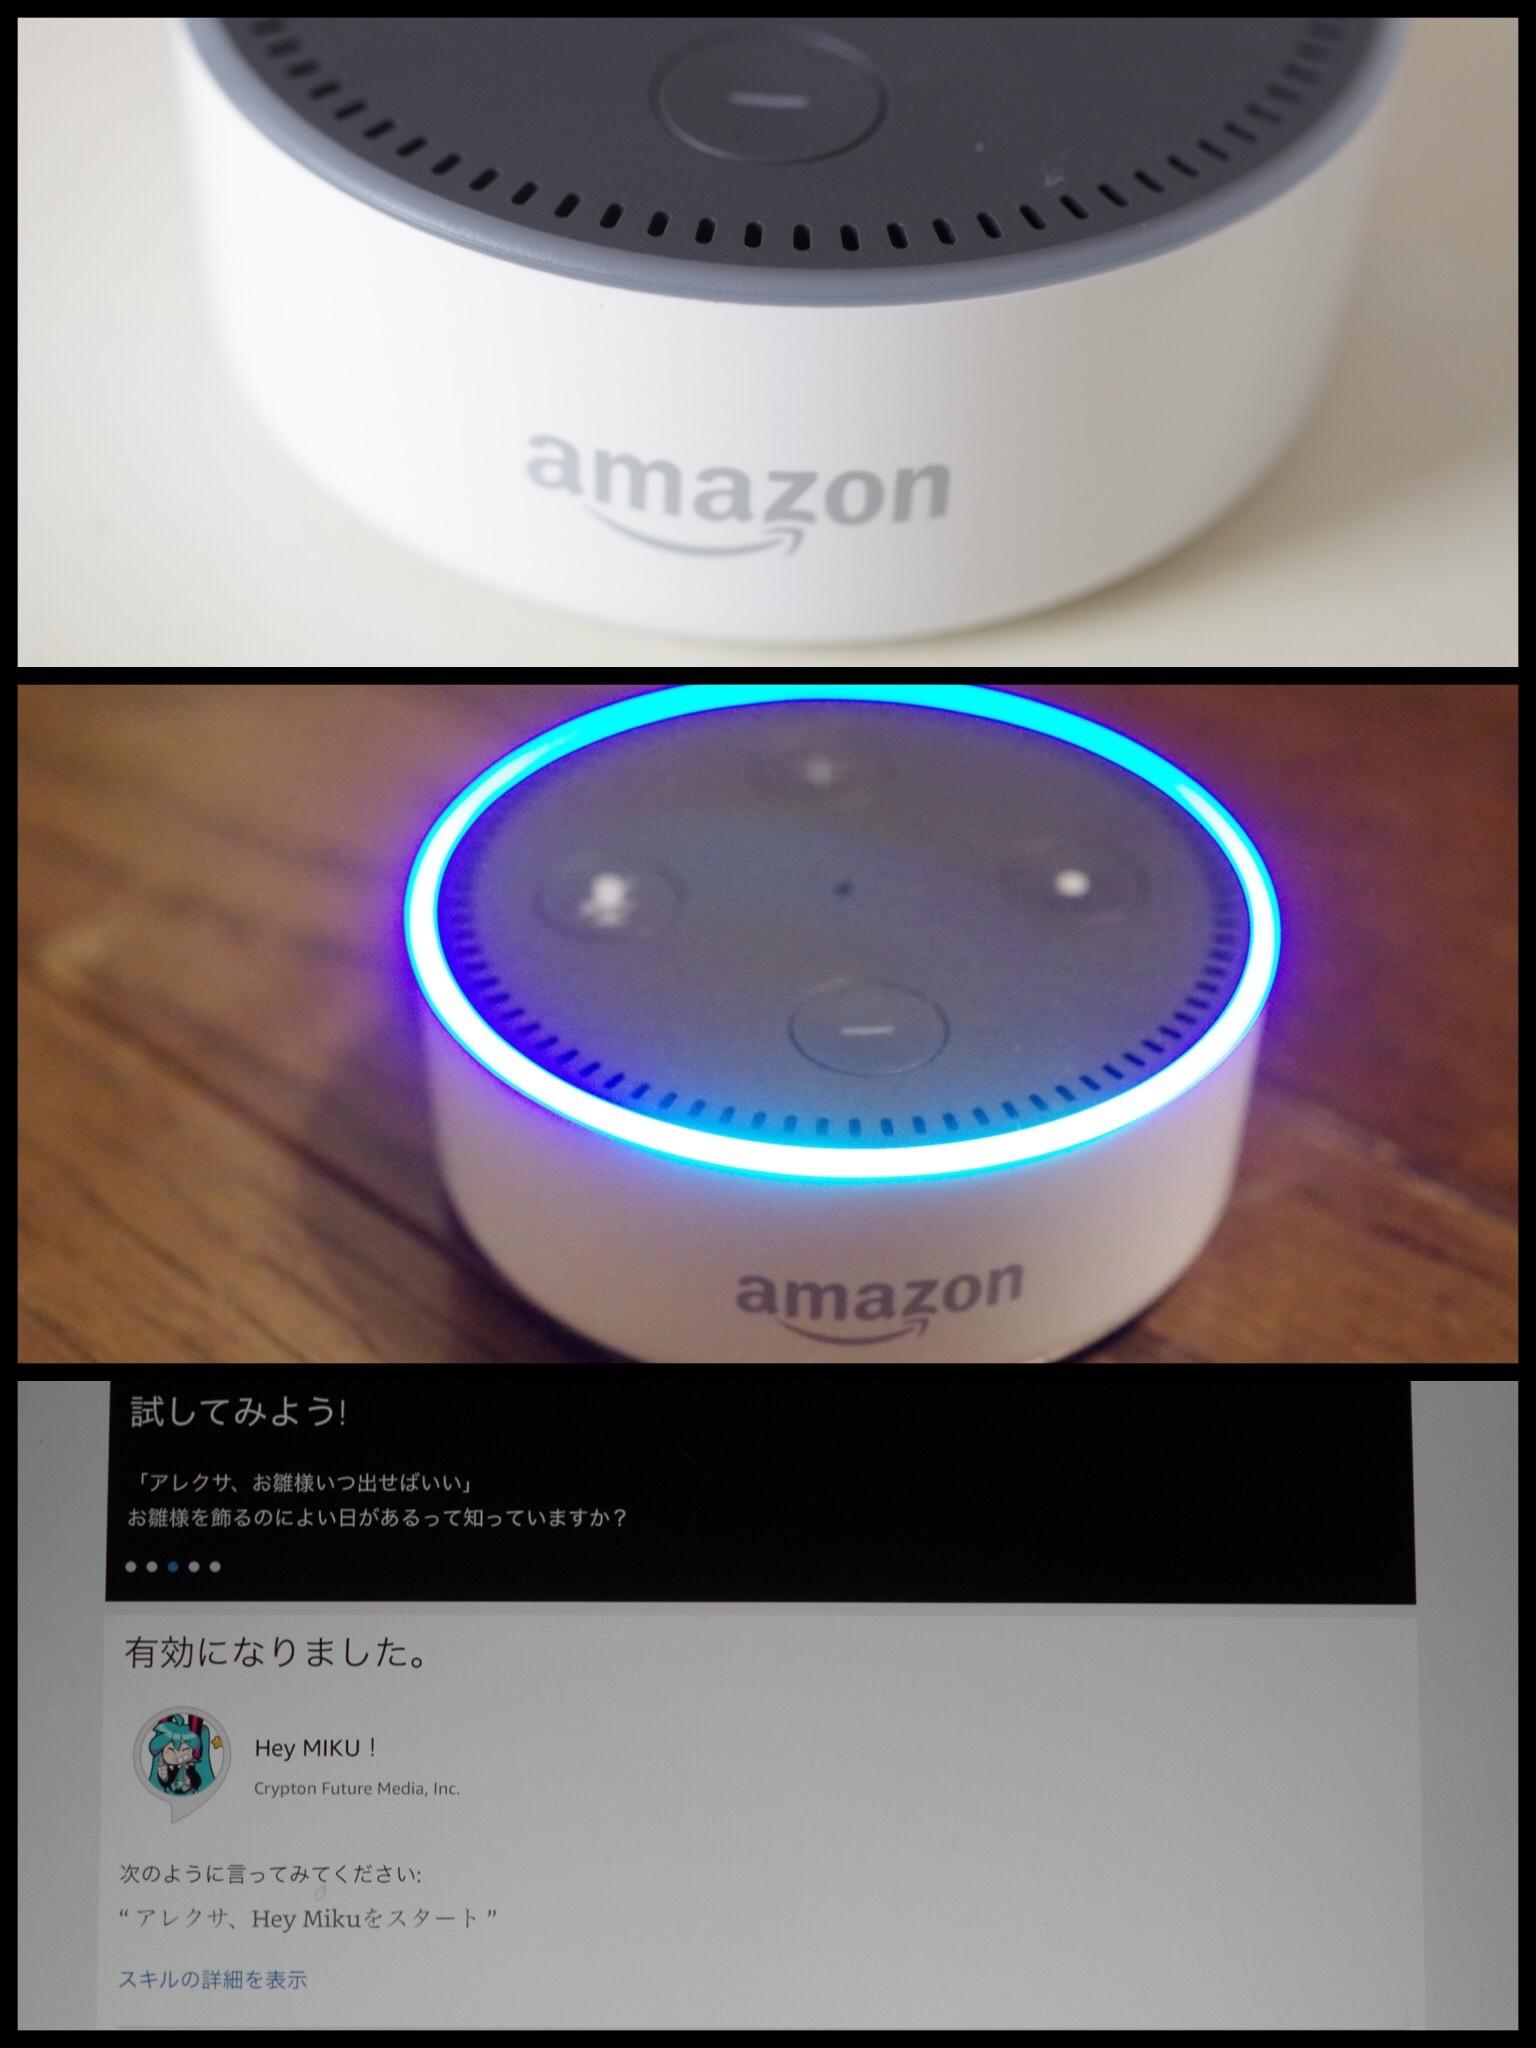 アマゾン エコー 接続